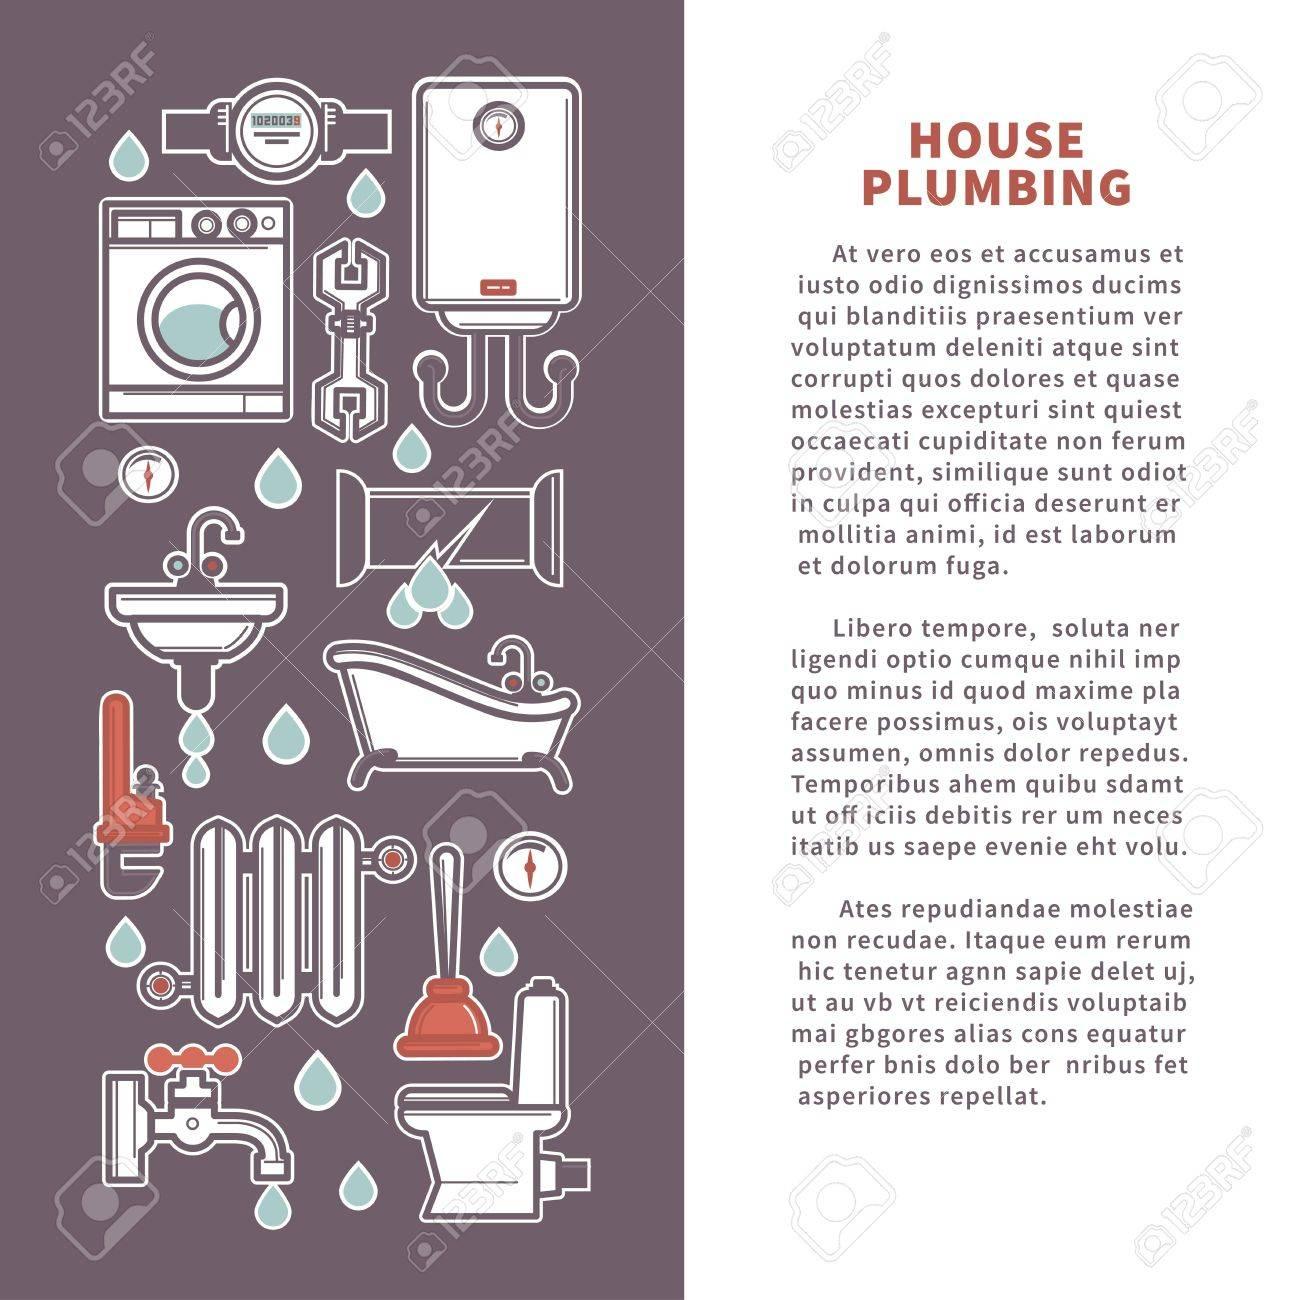 Affiche Salle De Bain ~ maison de plomberie pour la cuisine ou la salle de bains affiche